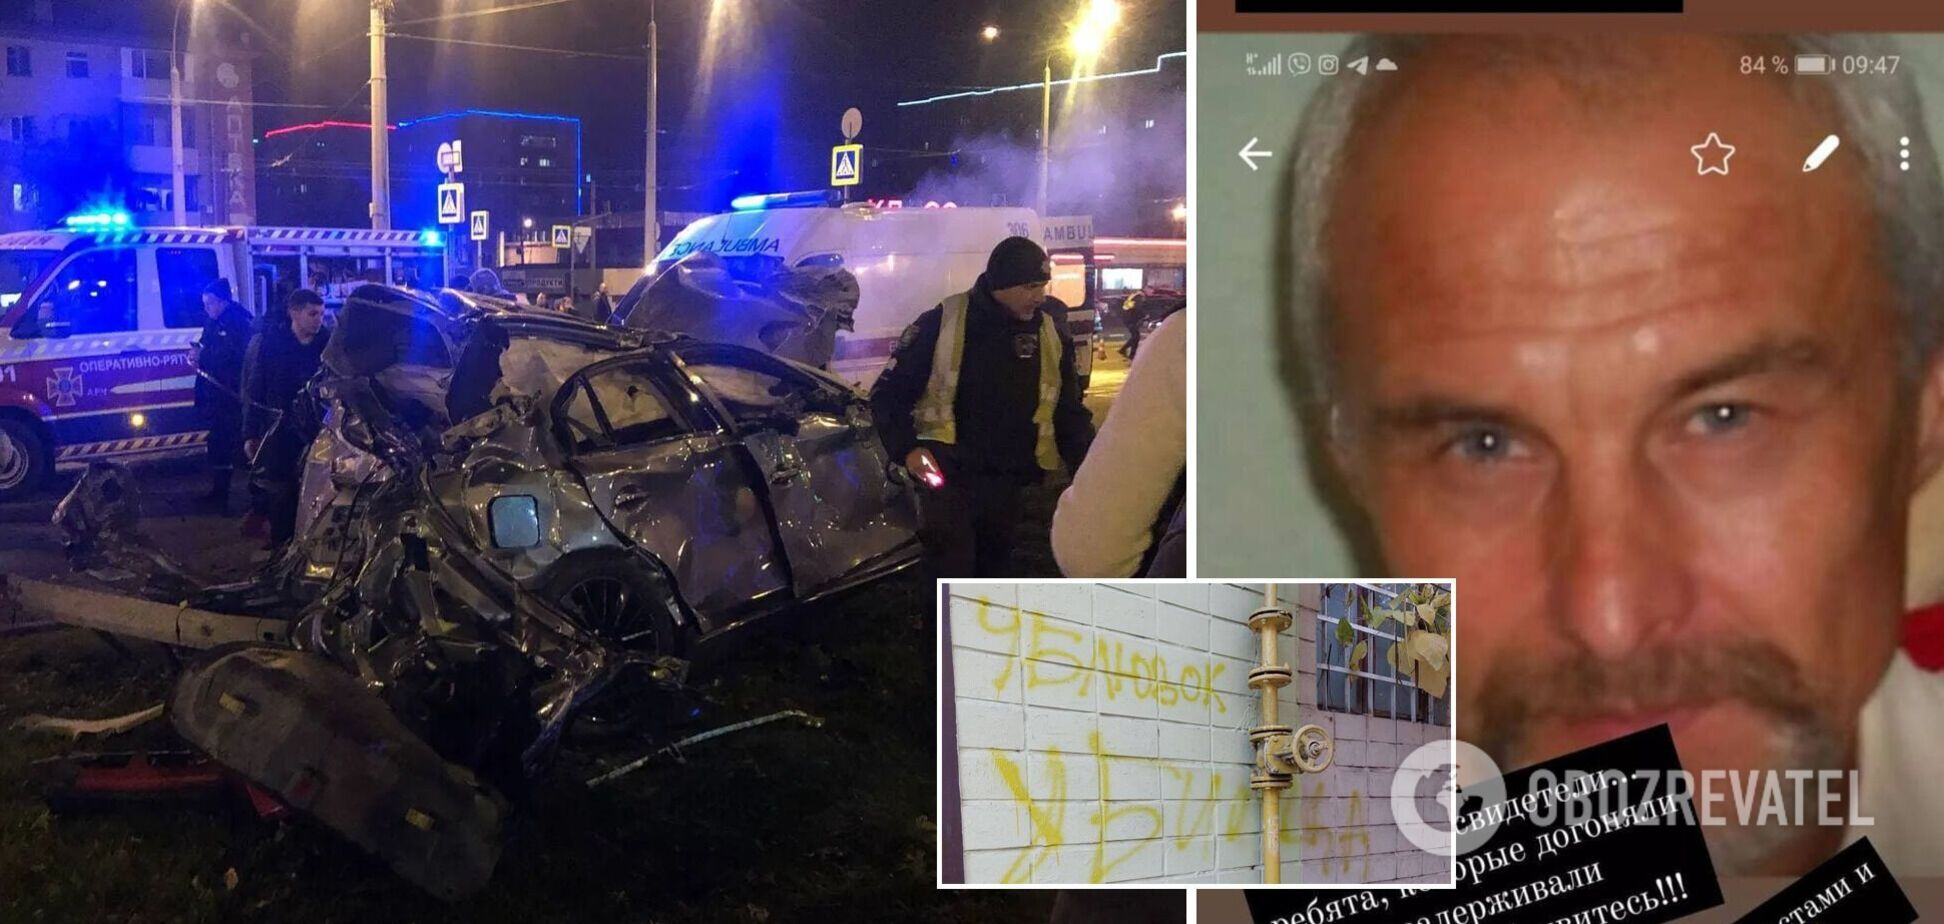 Син загиблого сказав, що тато був досвідченим та уважним водієм